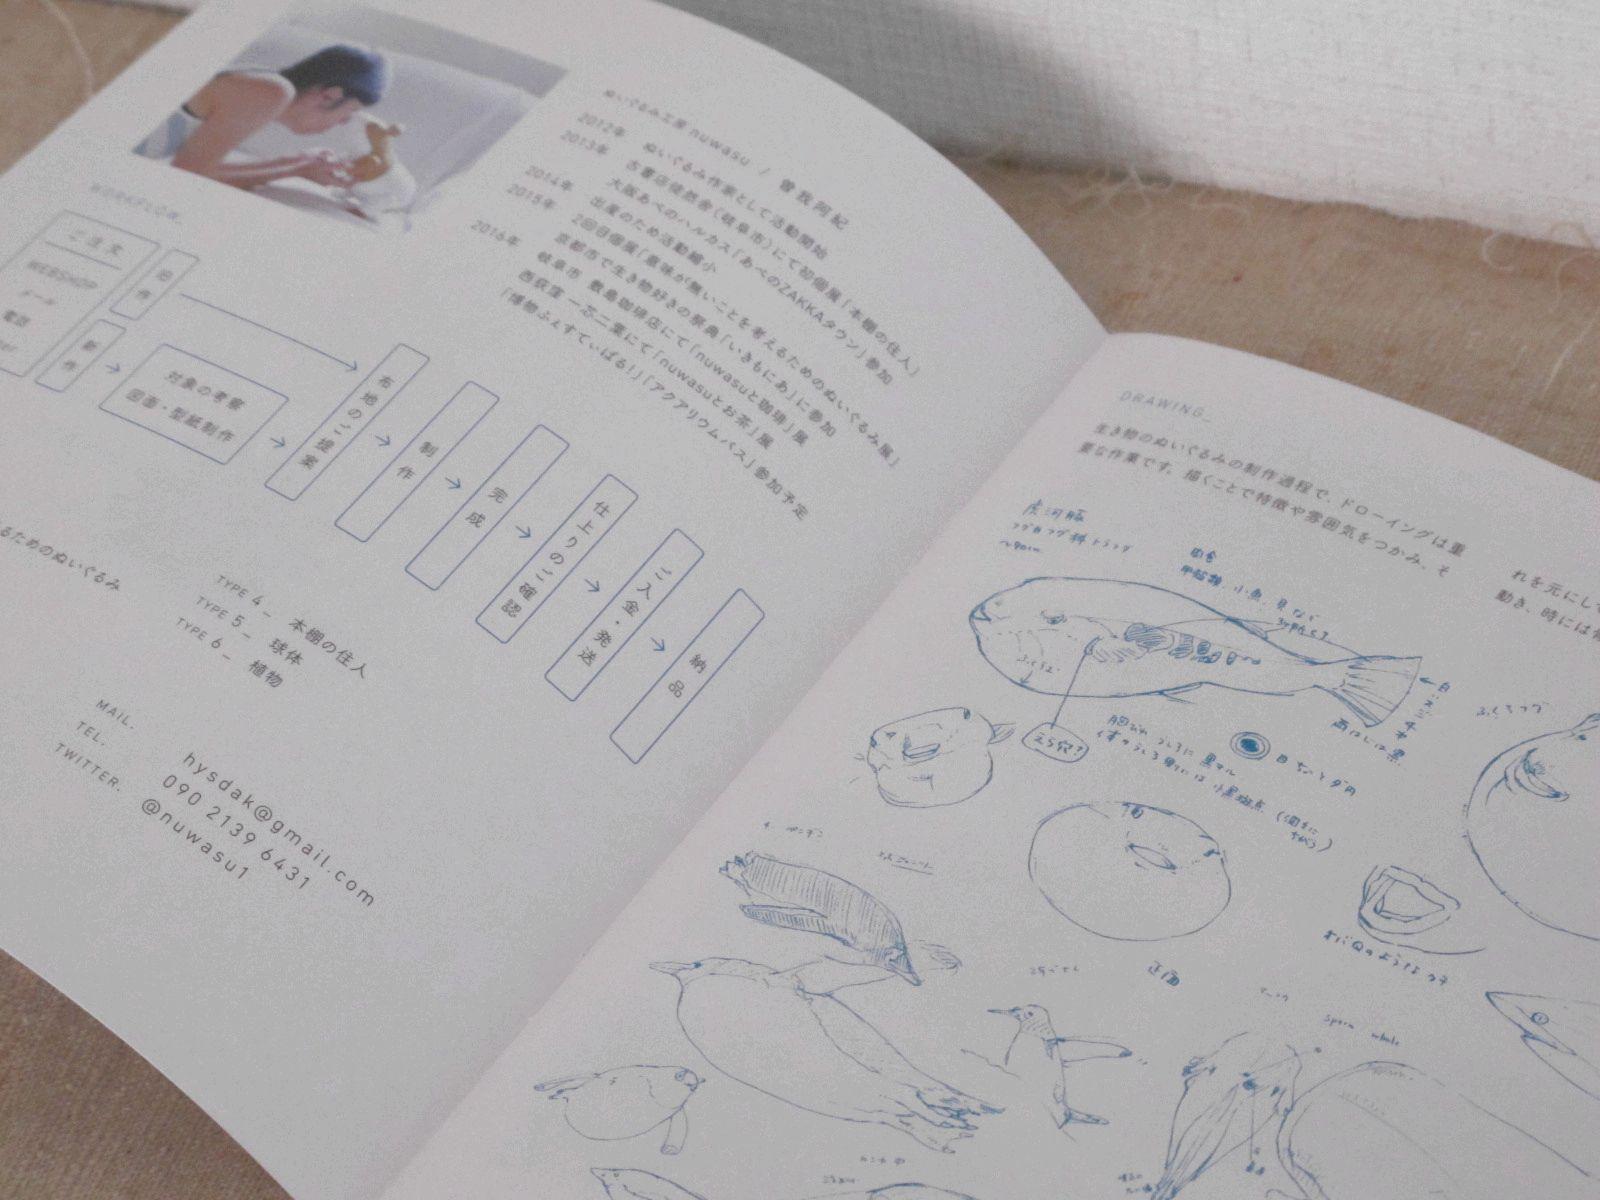 ぬいぐるみ カタログ(ぬいぐるみ工房nuwasu)